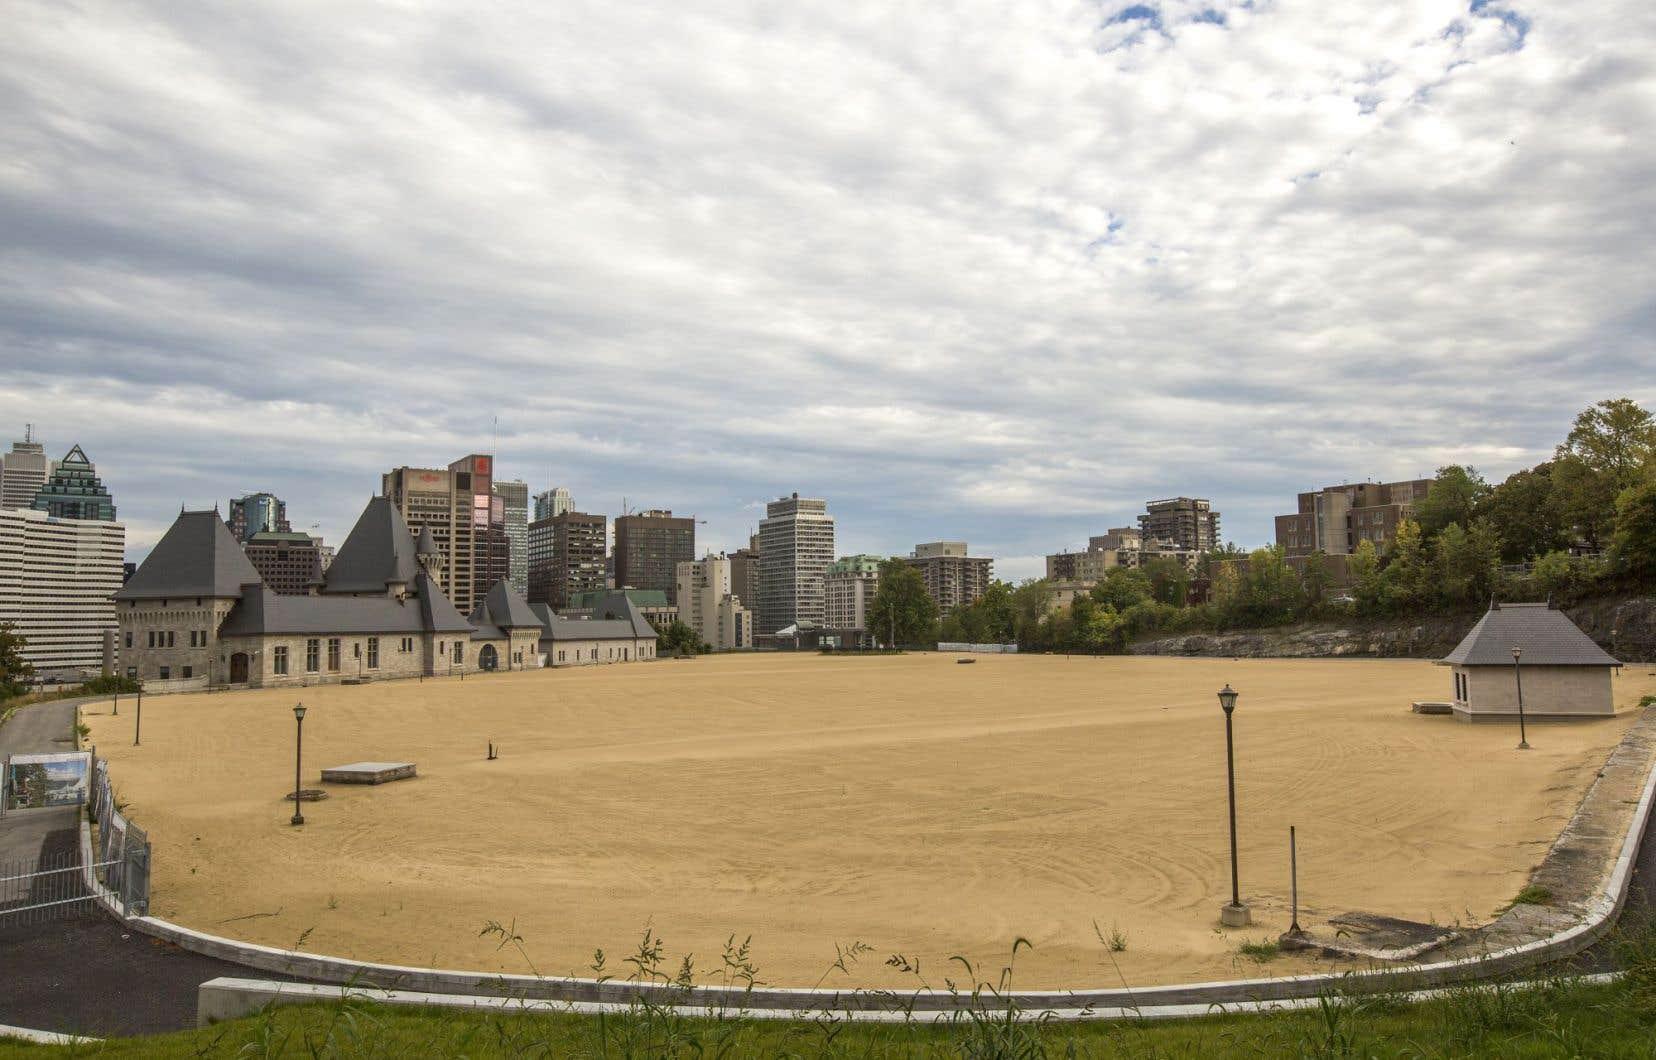 La Ville veut profiter des travaux de réfection de la membrane d'étanchéité du réservoir d'eau McTavish, qui se trouve en souterrain, pour réaménager le parc Rutherford en surface.